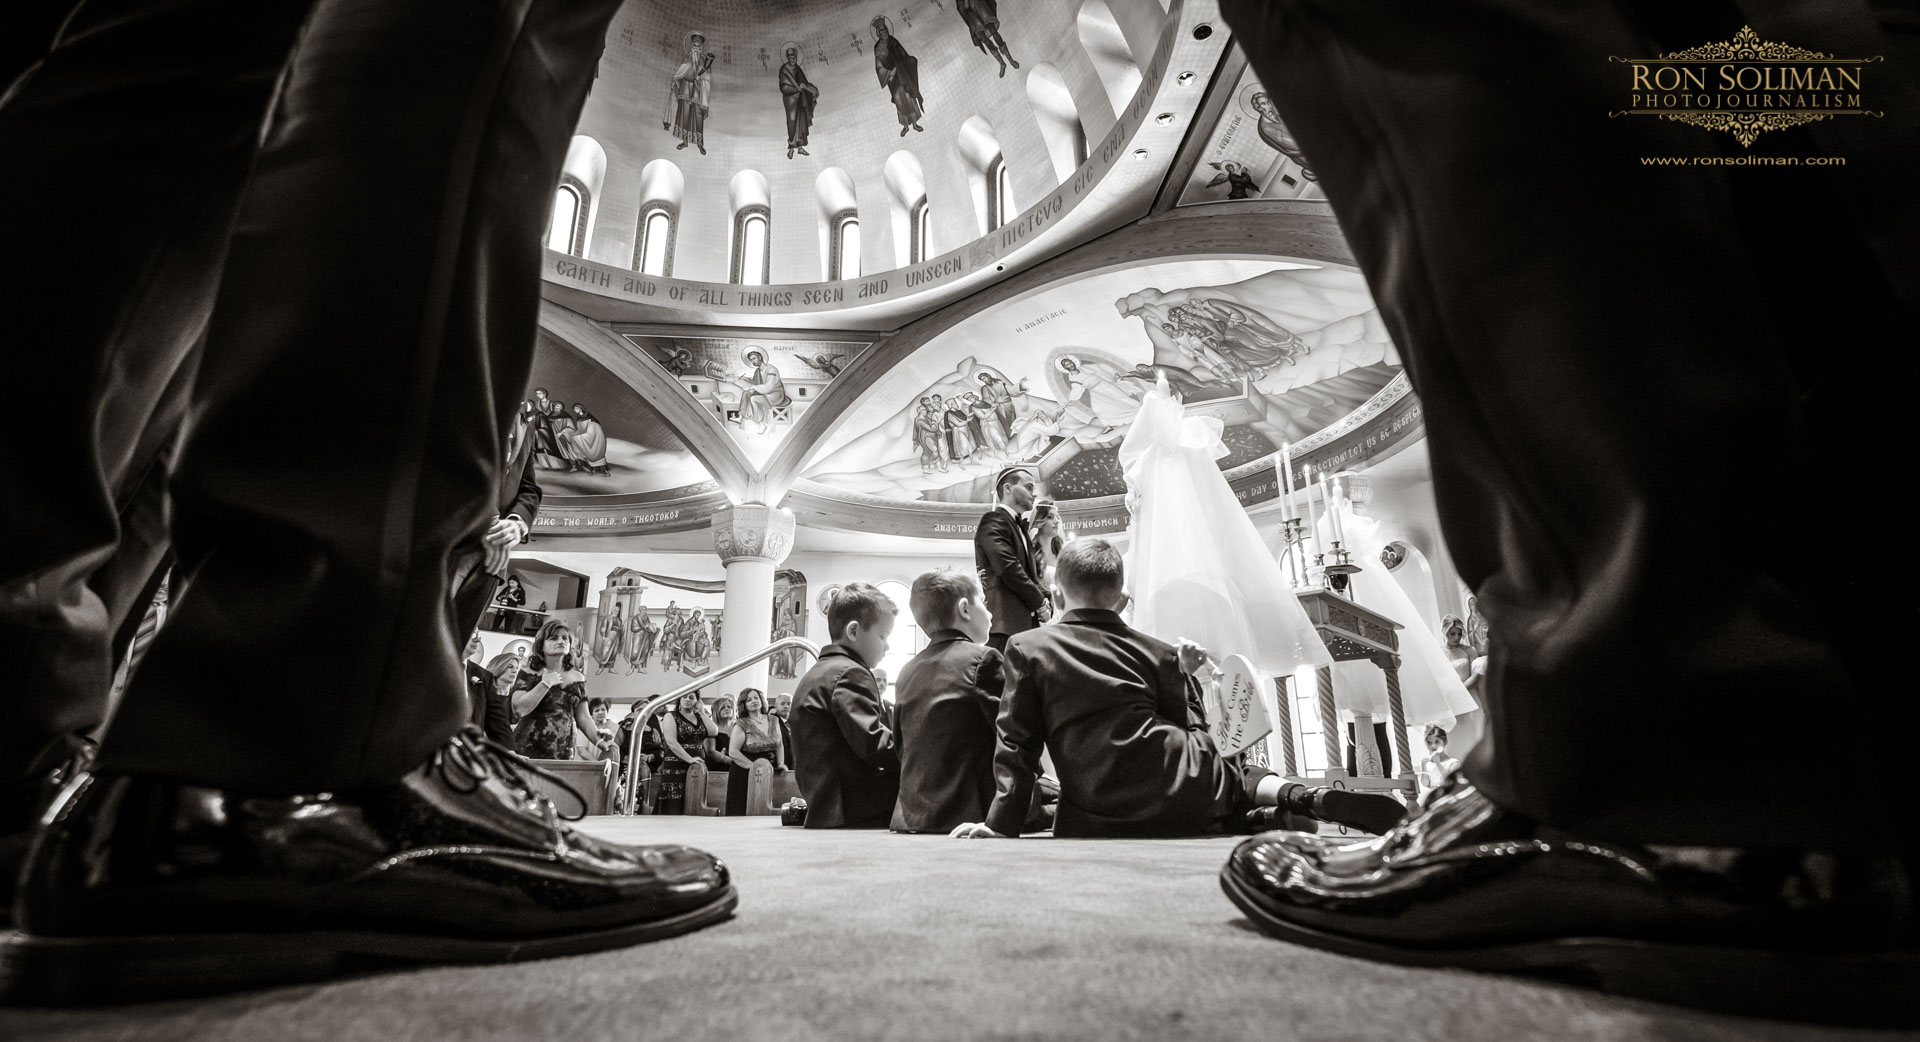 BALLROOM AT THE BEN WEDDING AG 20